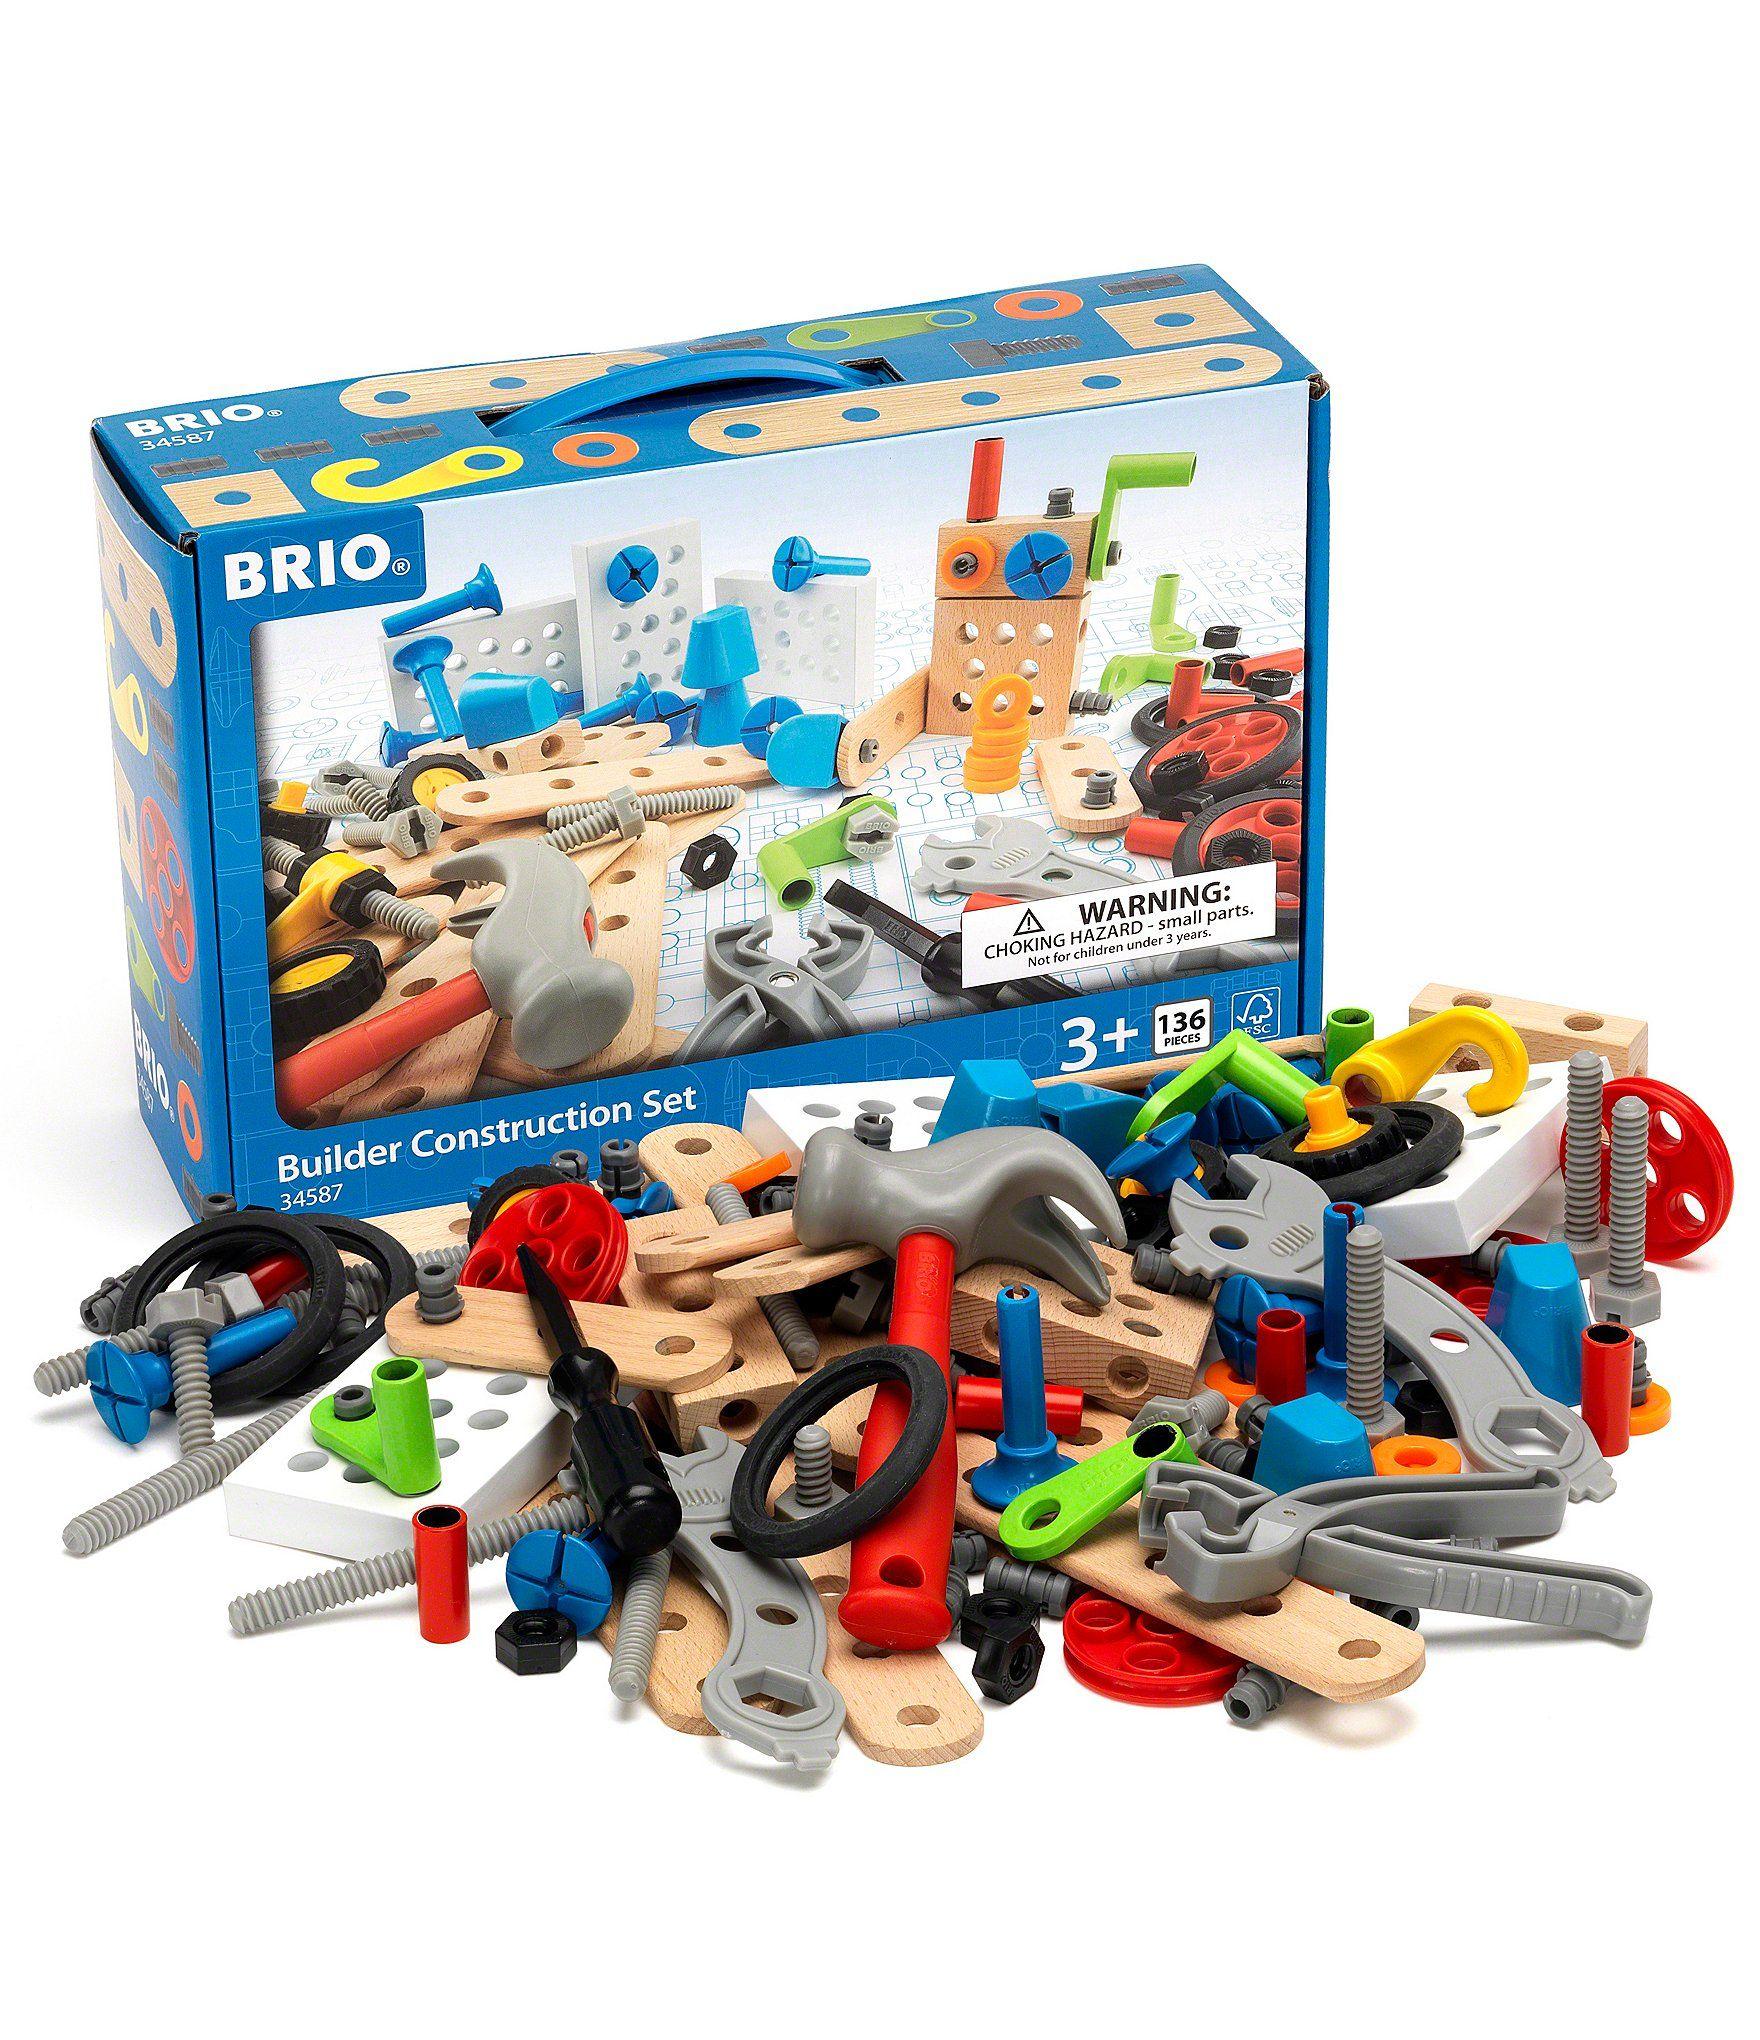 Brio Builder Construction Set Tan One Brio Brio Toys Toddler